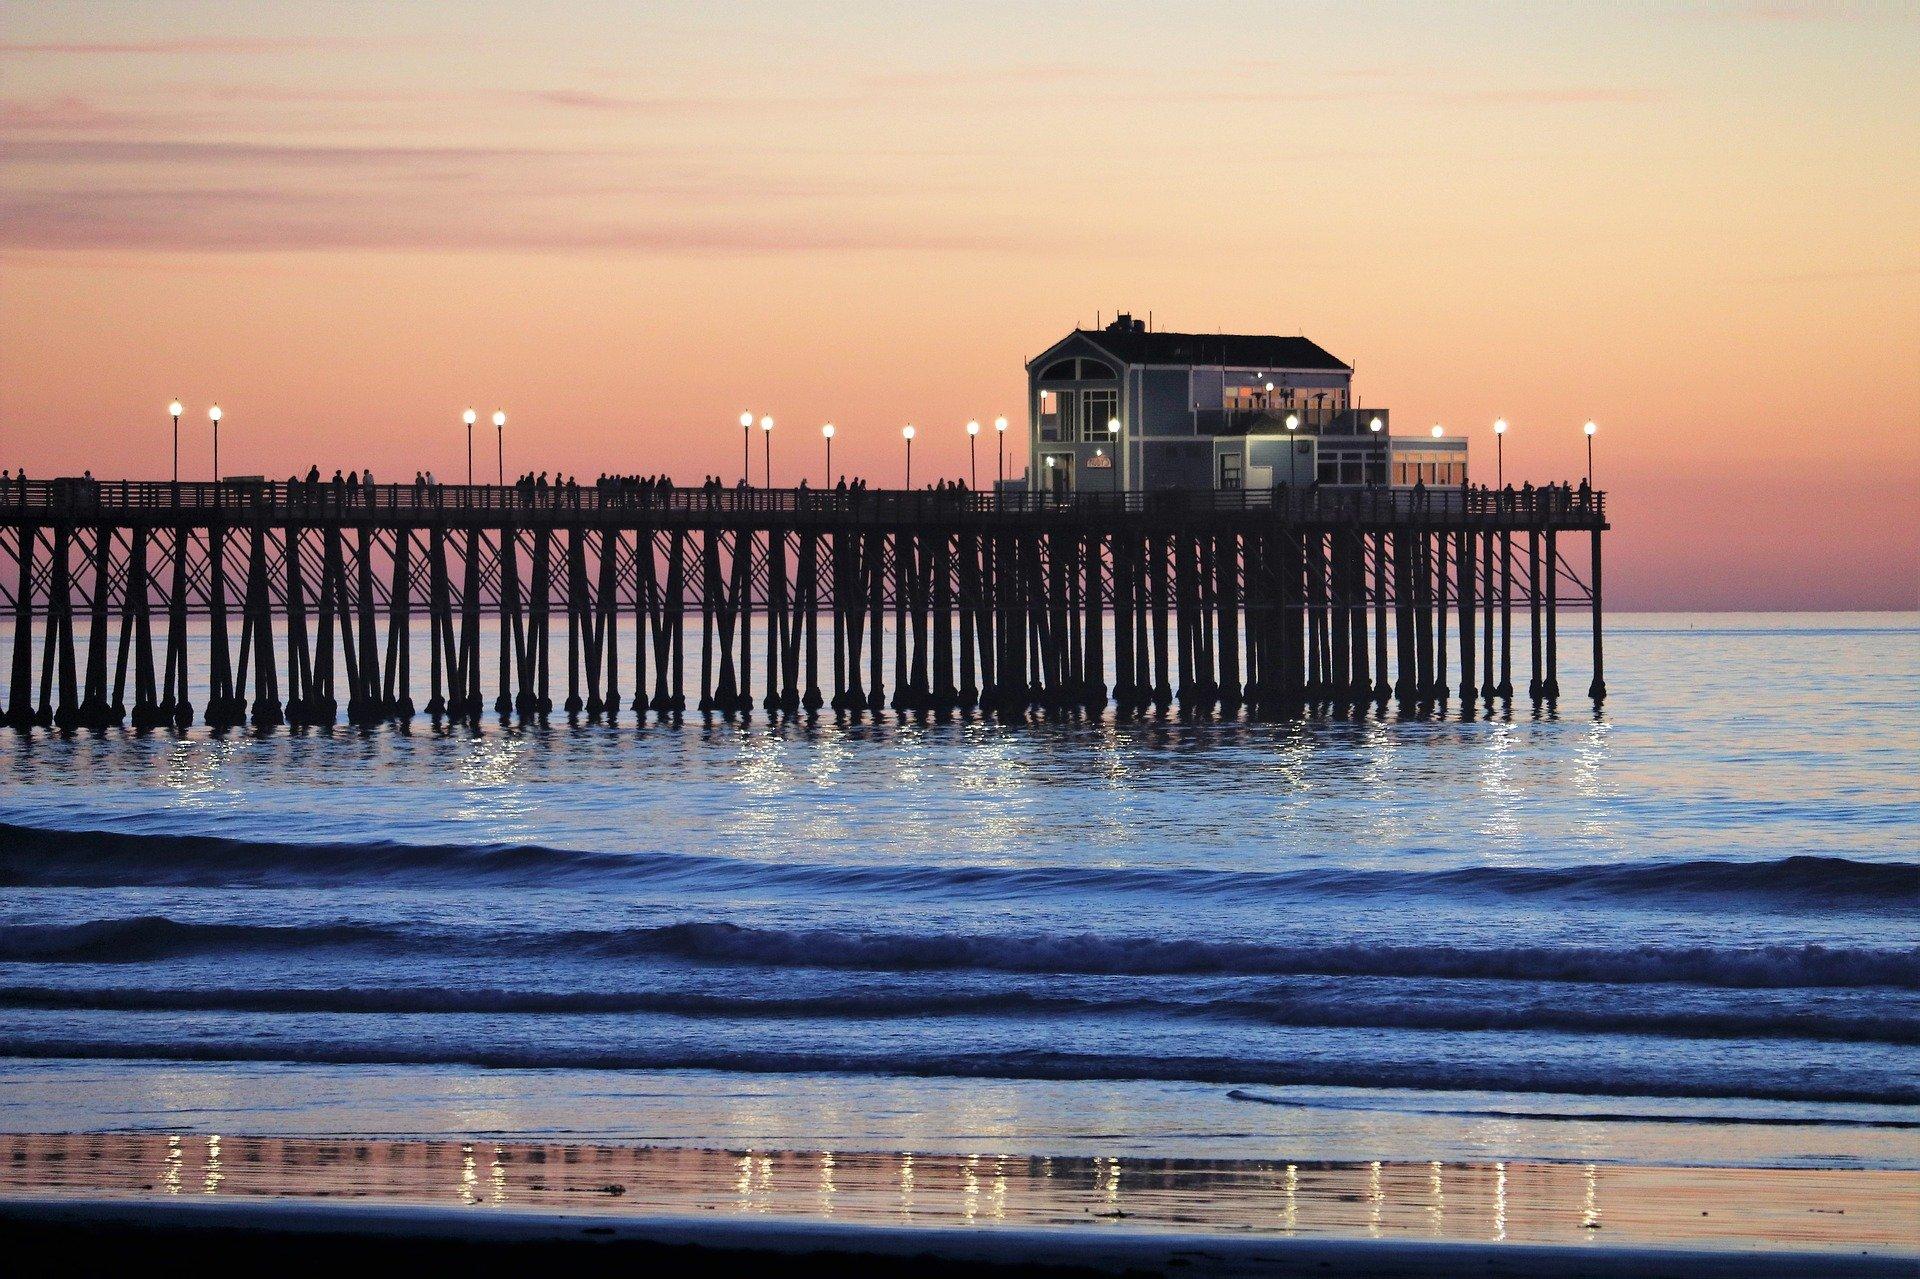 Oceanside Pier, California - VeteranCarDonations,org